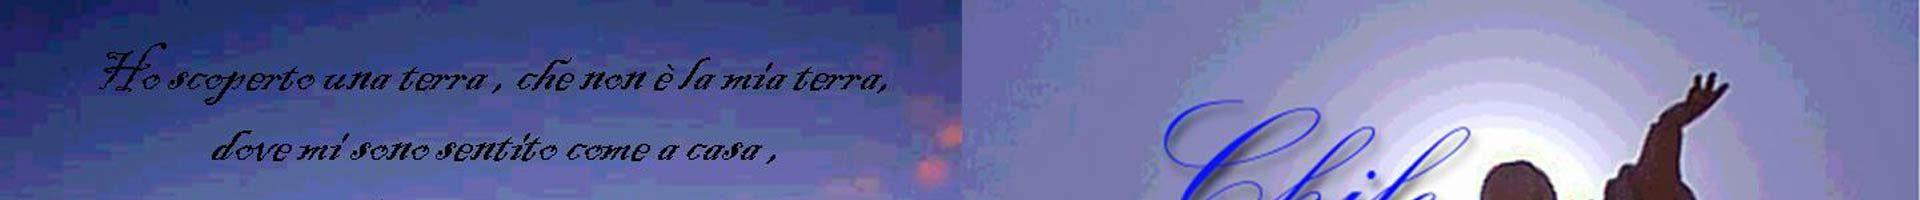 Libretto cd Chile musica elettronica elettro-ancestrale Vipal Antonio Gianfranco Gualdi 2001